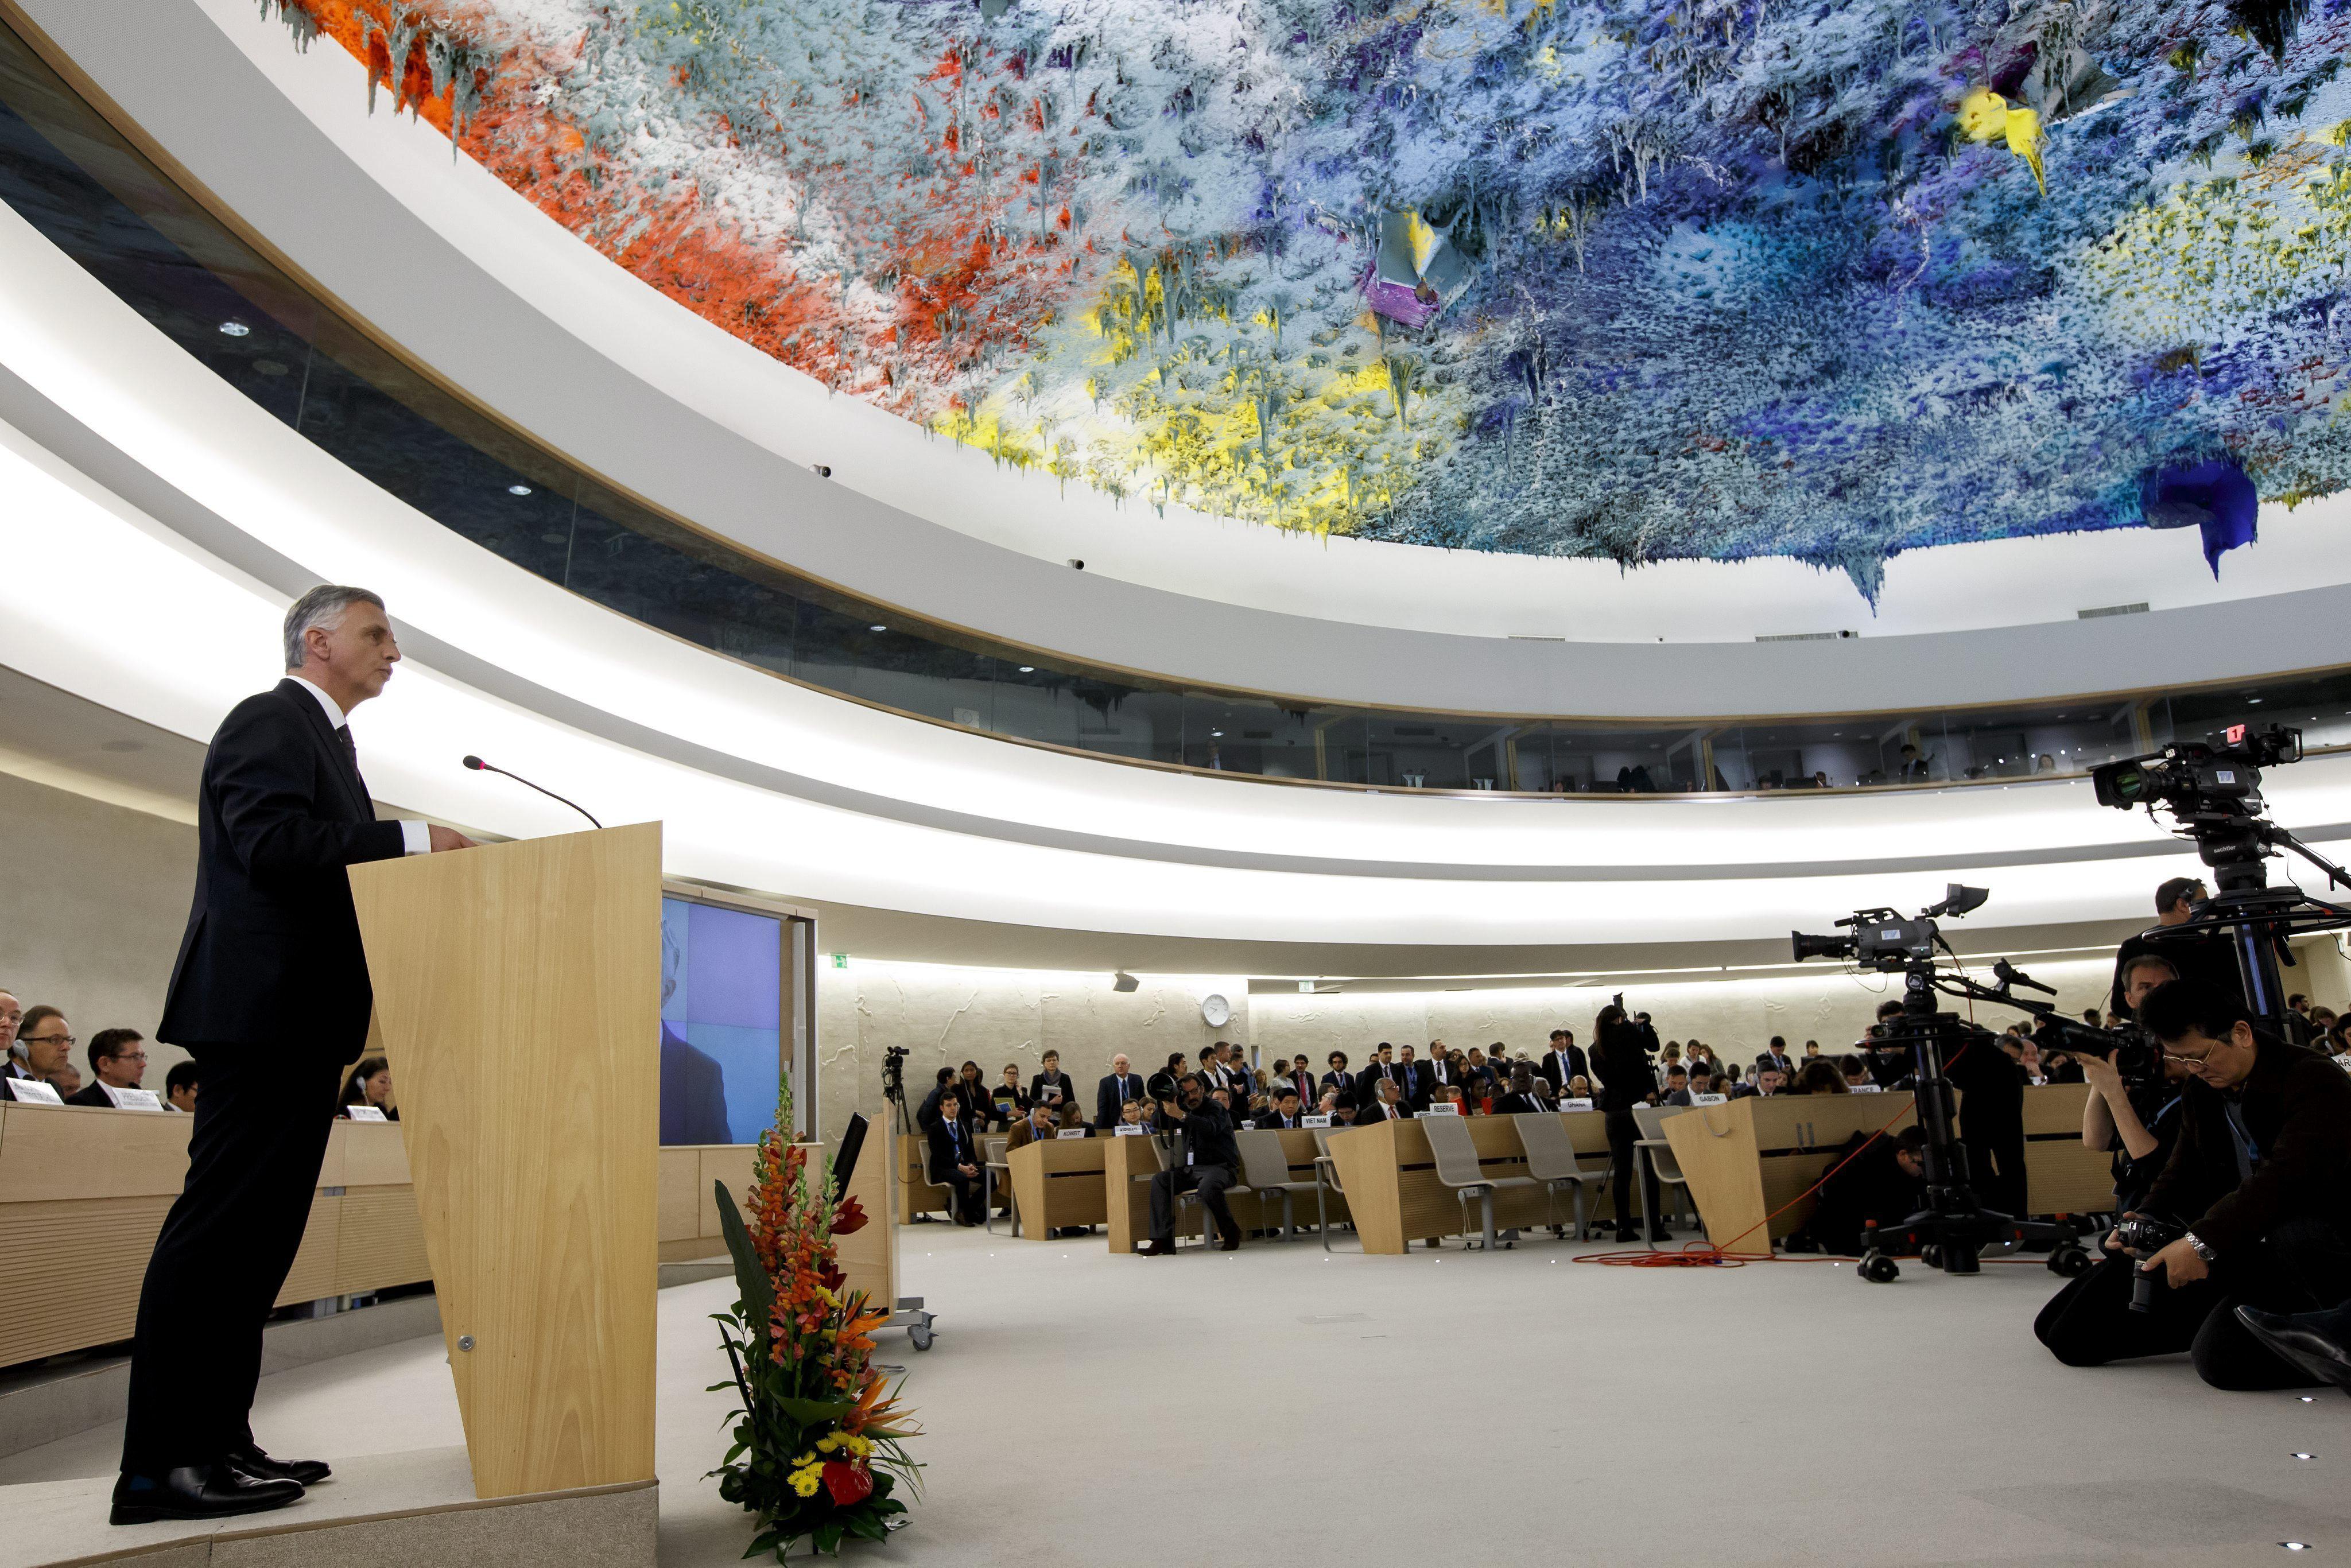 El ministro de Exteriores suizo, Didier Burkhalter, pronuncia su discurso bajo la cúpula decorada por el español Miquel Barceló durante la inauguaración del segmento de alto nivel de la 28ª sesión del Consejo de Derechos Humanos de la ONU, en la sede europea de la ONU en Ginebra (Suiza),